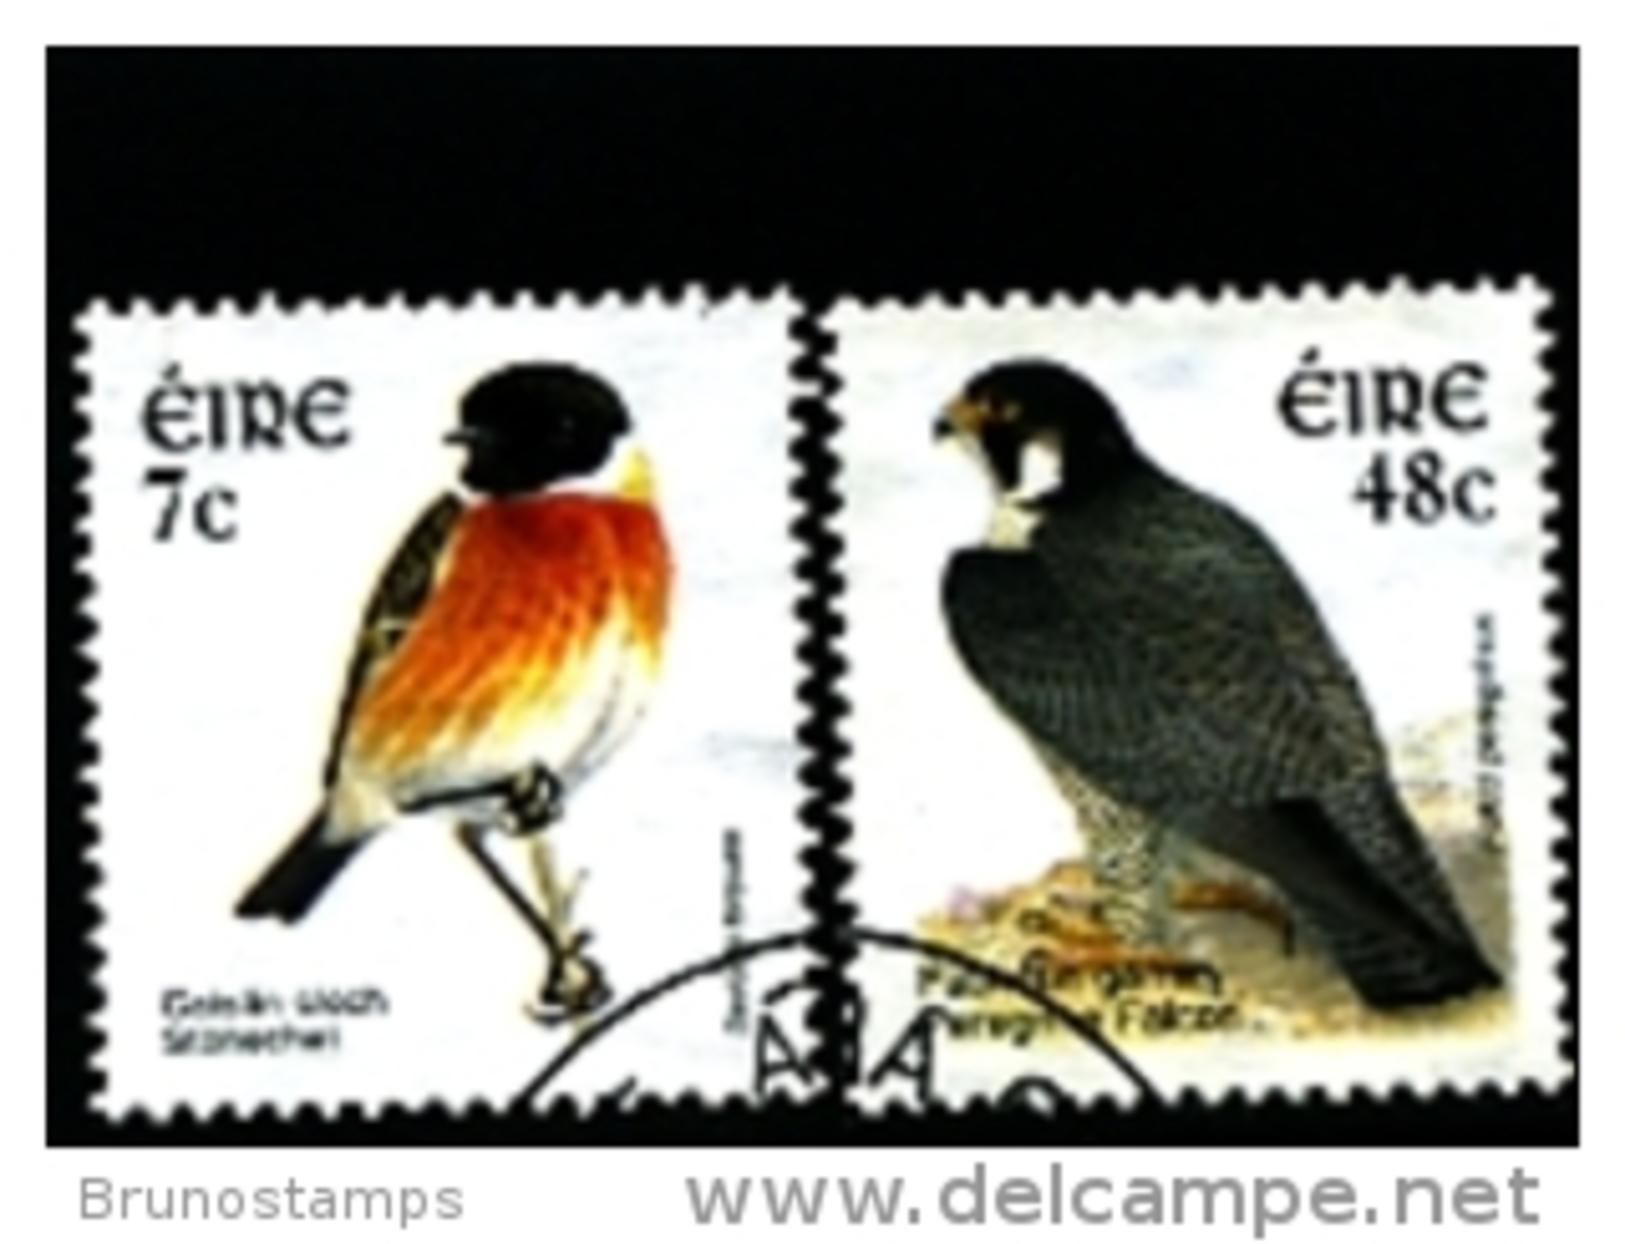 IRELAND/EIRE - 2003  BIRDS  (7c. + 48c.)  SET  FINE USED - Usati